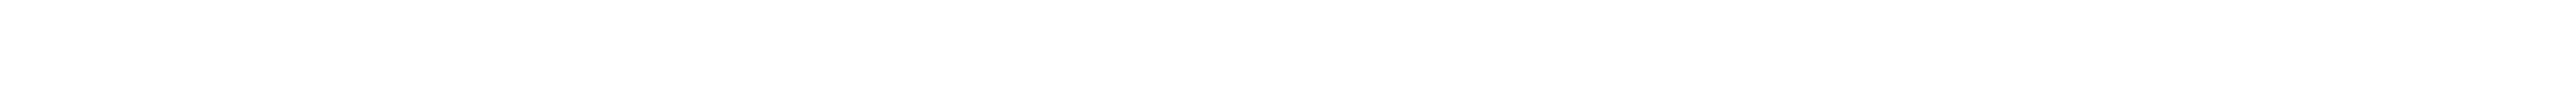 תחתיות להבדלה - דוגמא - אמנות יודאיקה ייחודית